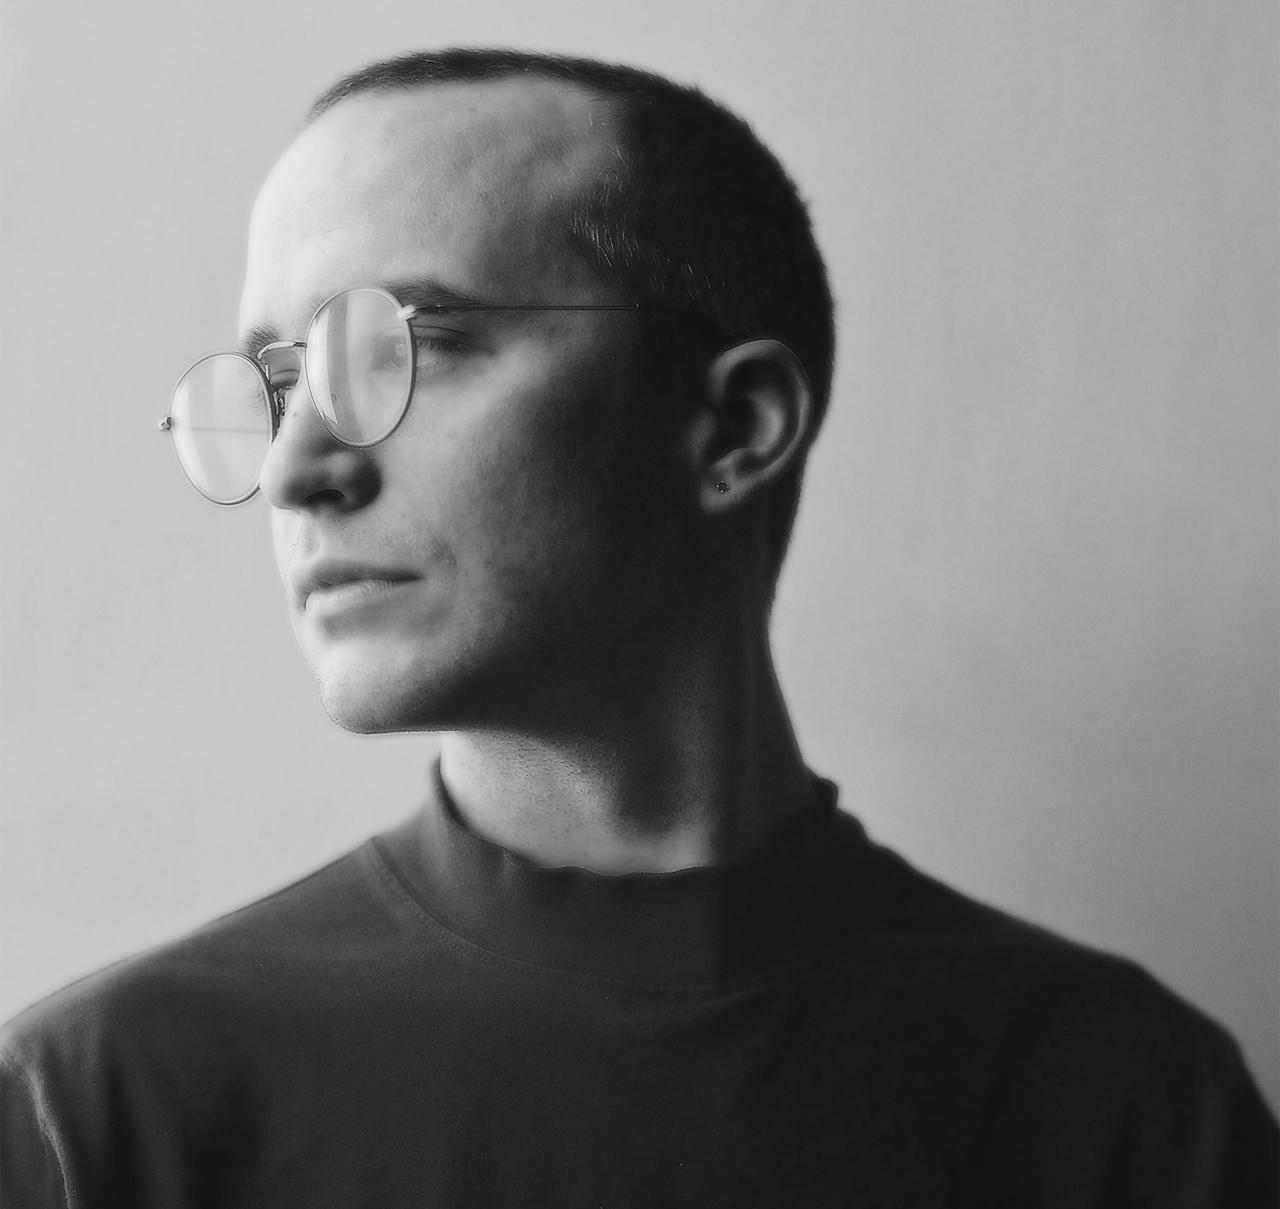 Schwarz-weiß Portrait eines Mannes mit Brille